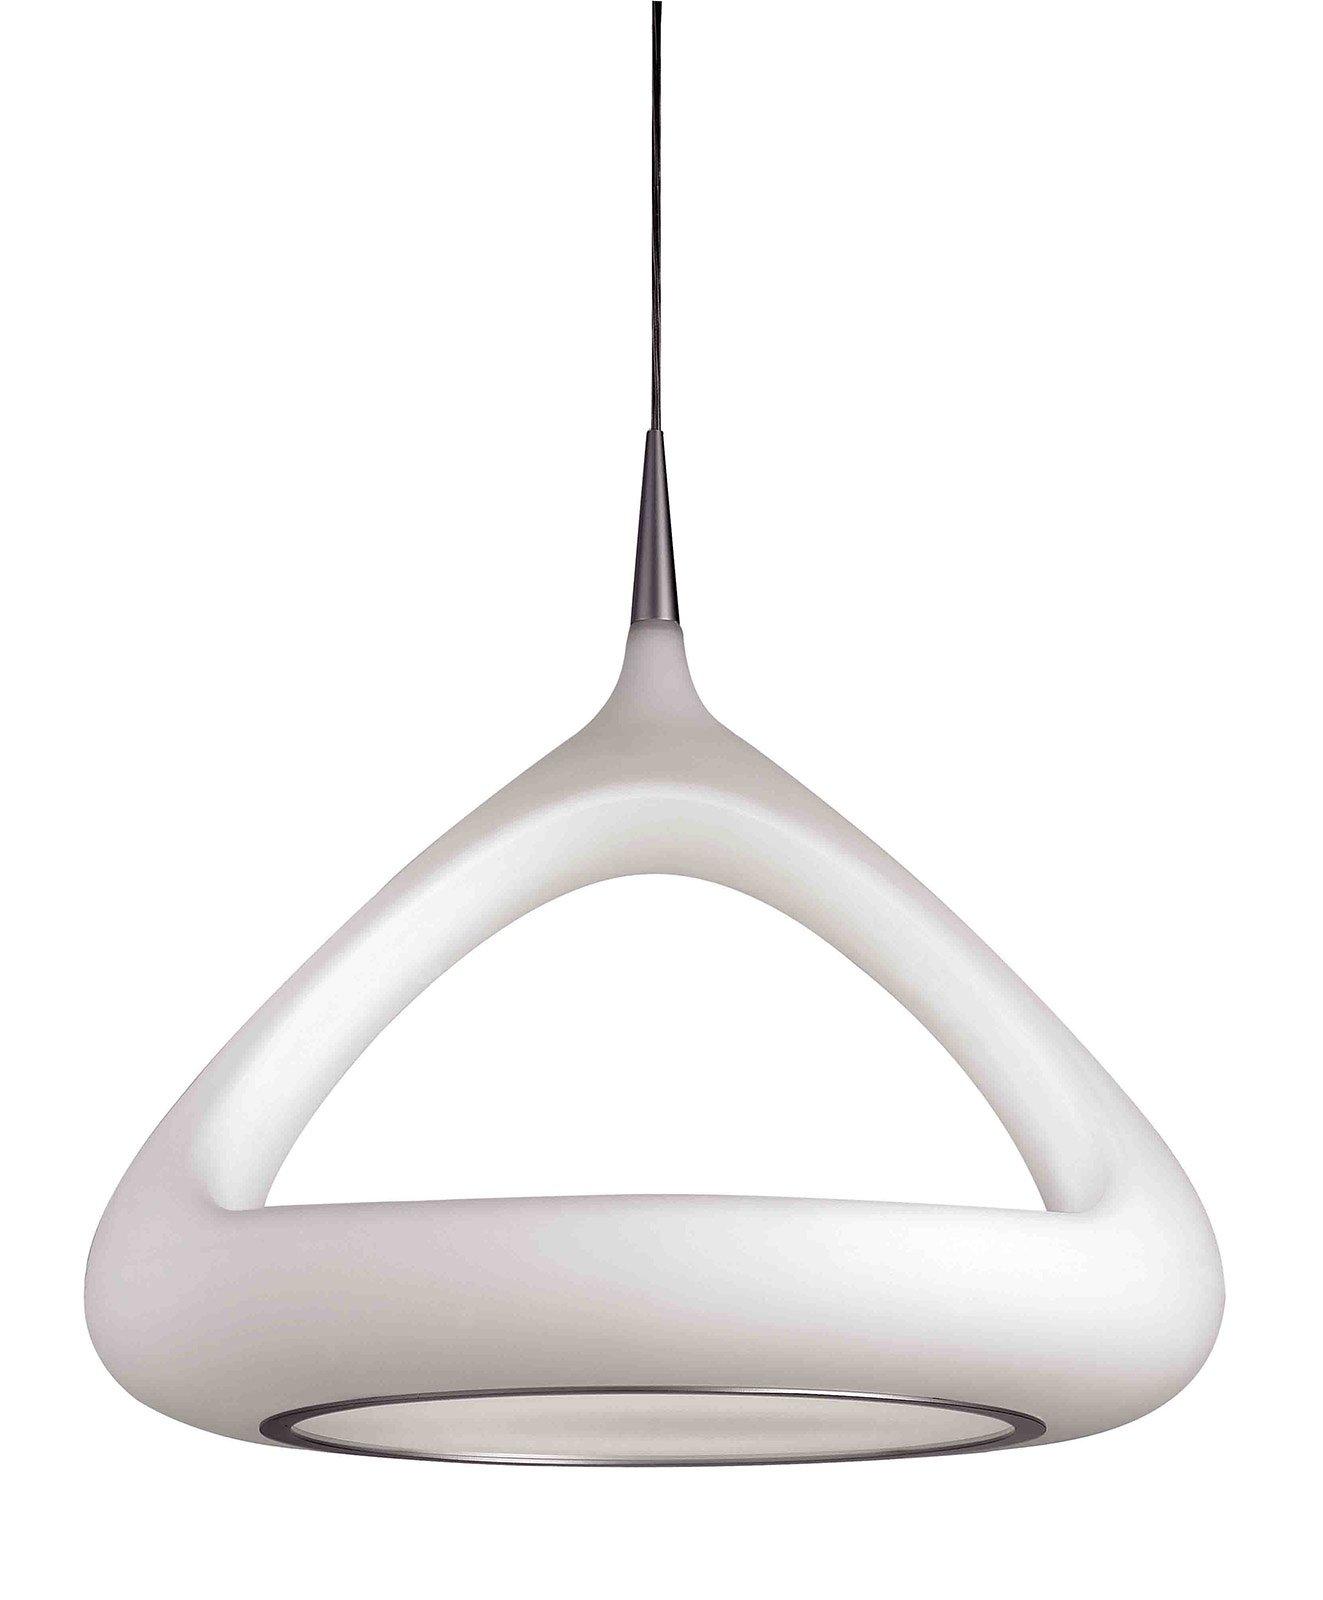 Lampade a sospensione anche low cost cose di casa - Lampadari moderni bagno ...